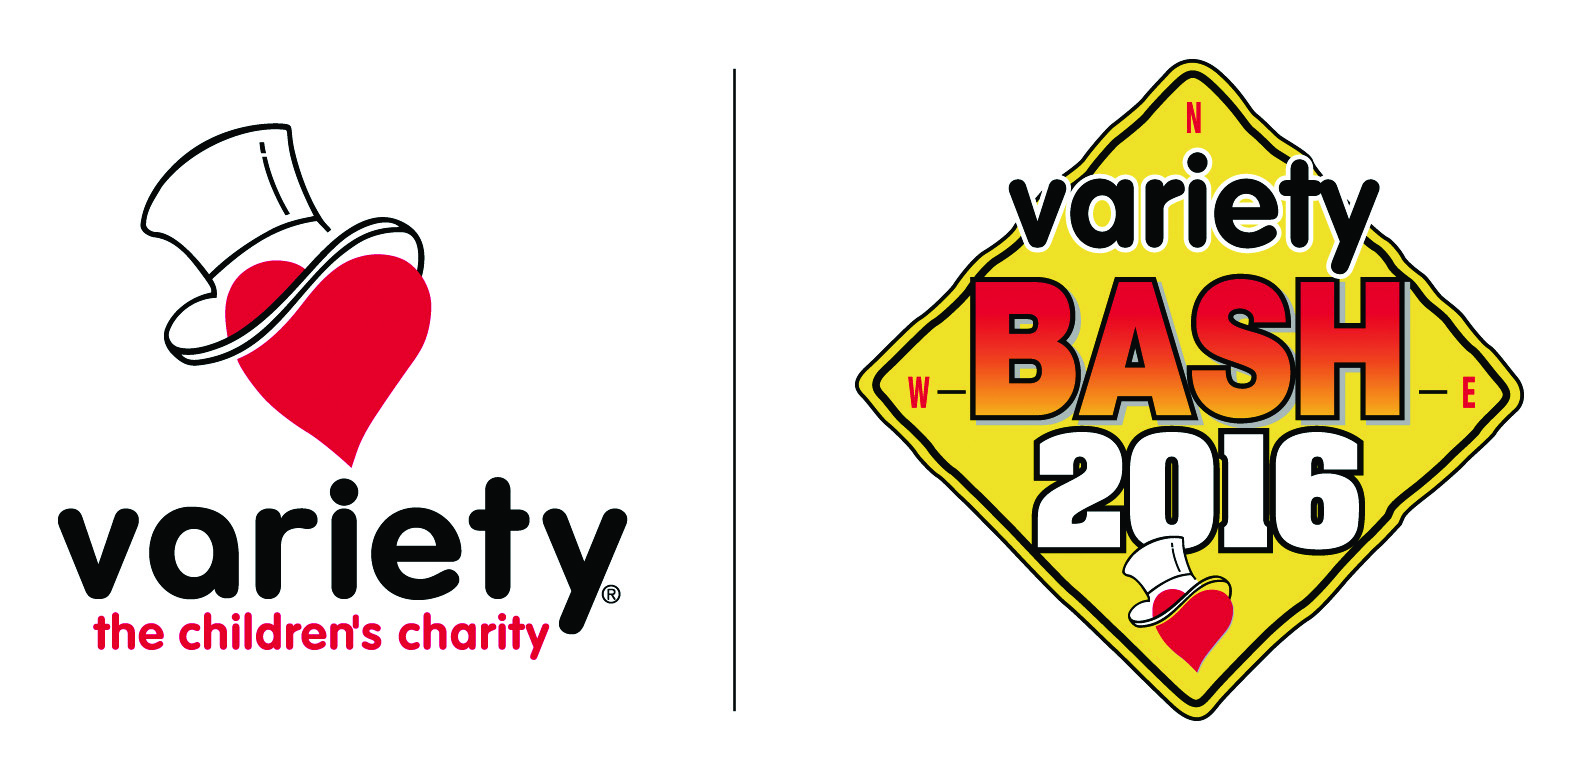 VARIETY_B2Bbash_2013_FINAL